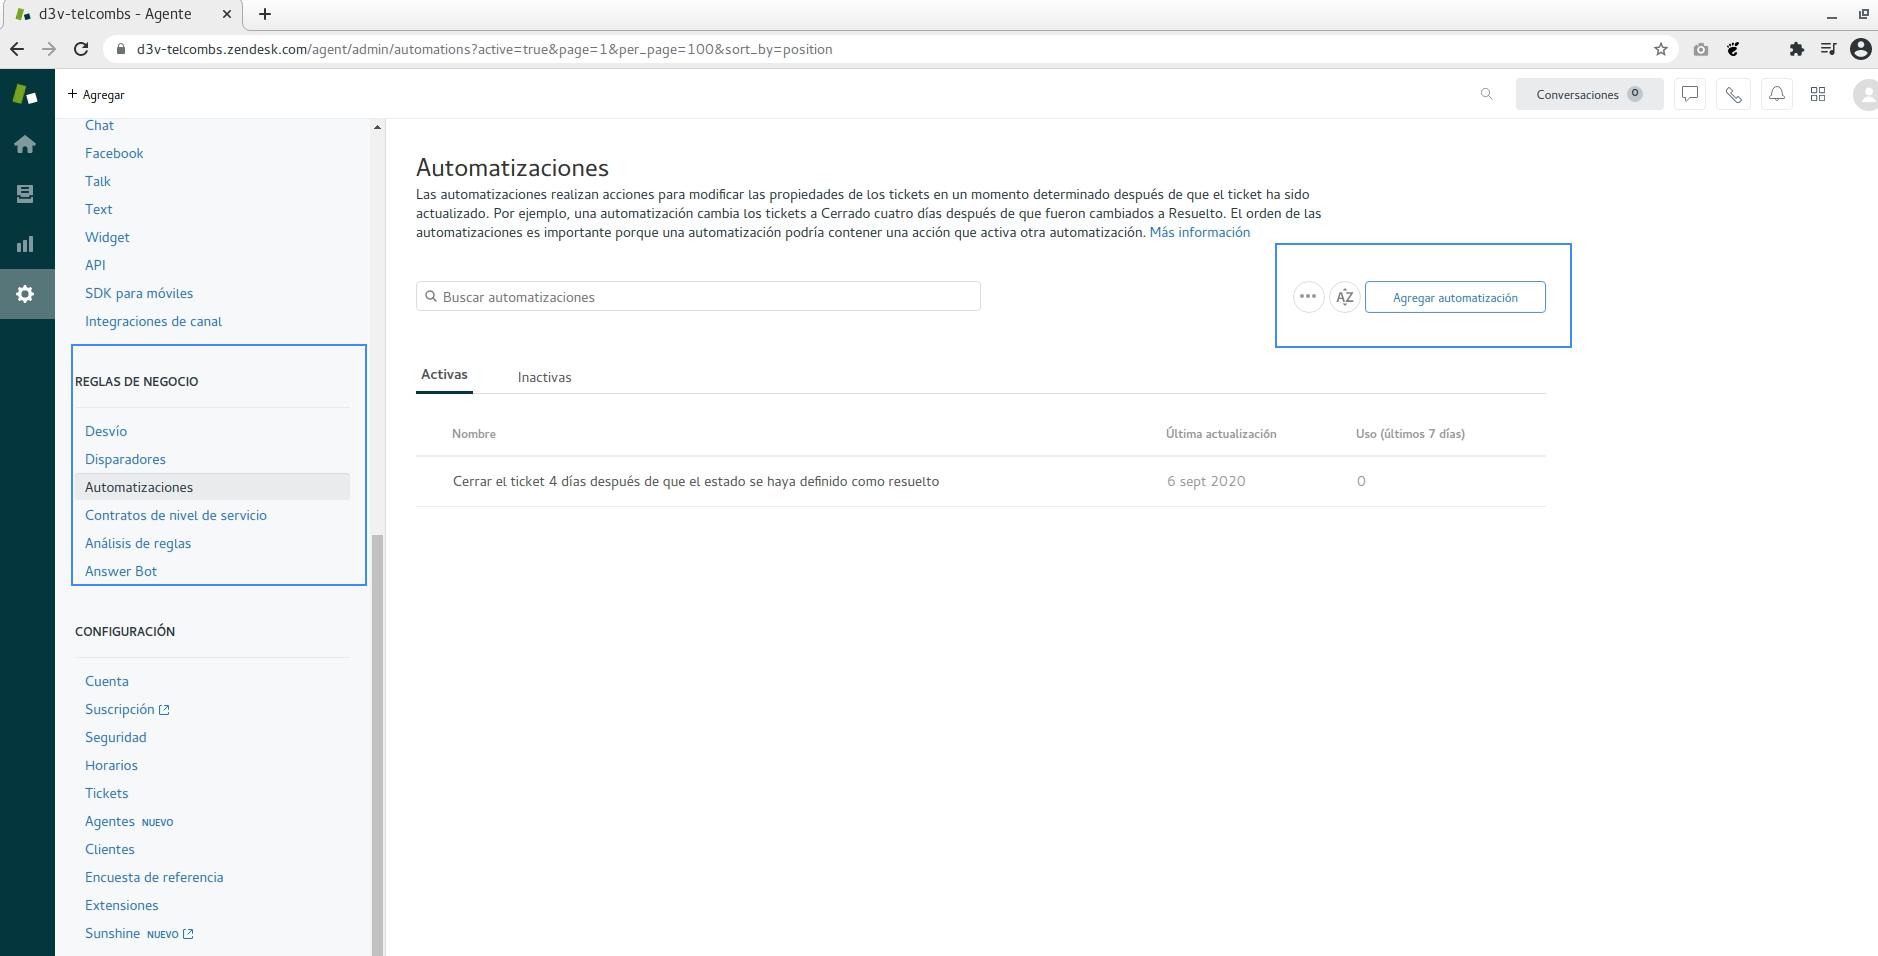 Como agregar Automatizaciones en Zendesk